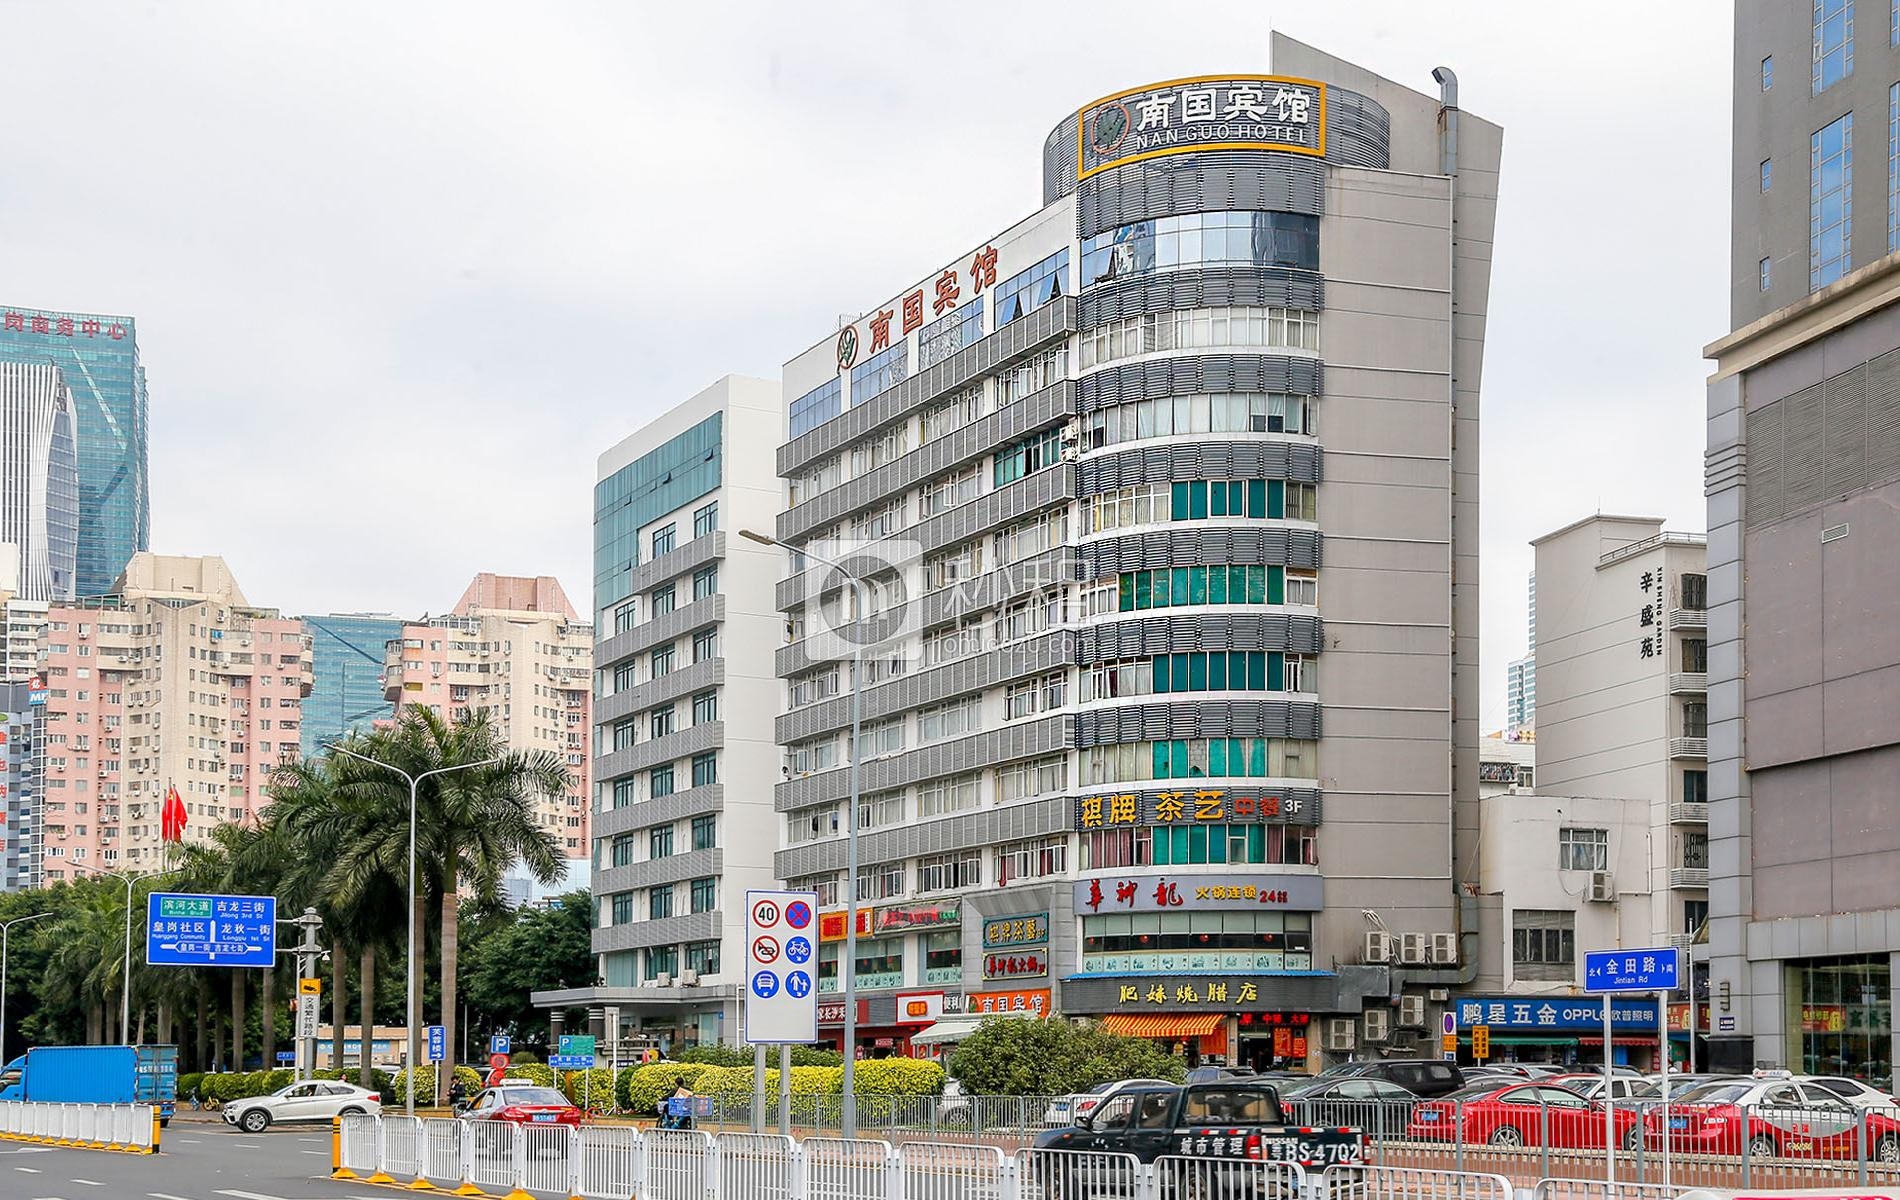 南国宾馆写字楼出租/招租/租赁,南国宾馆办公室出租/招租/租赁